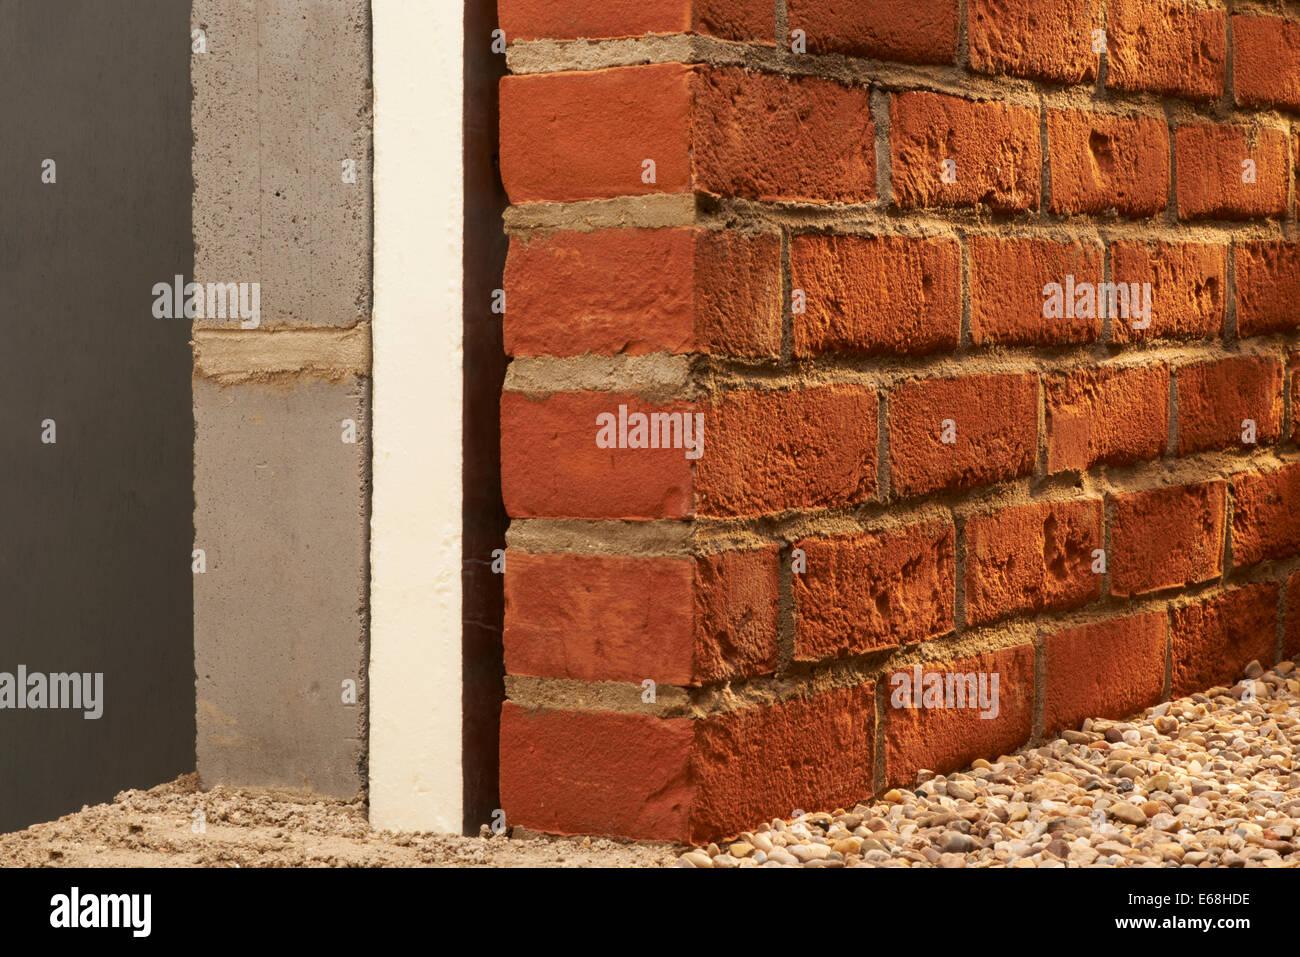 Muro di mattoni con isolamento, Sezione trasversale Immagini Stock